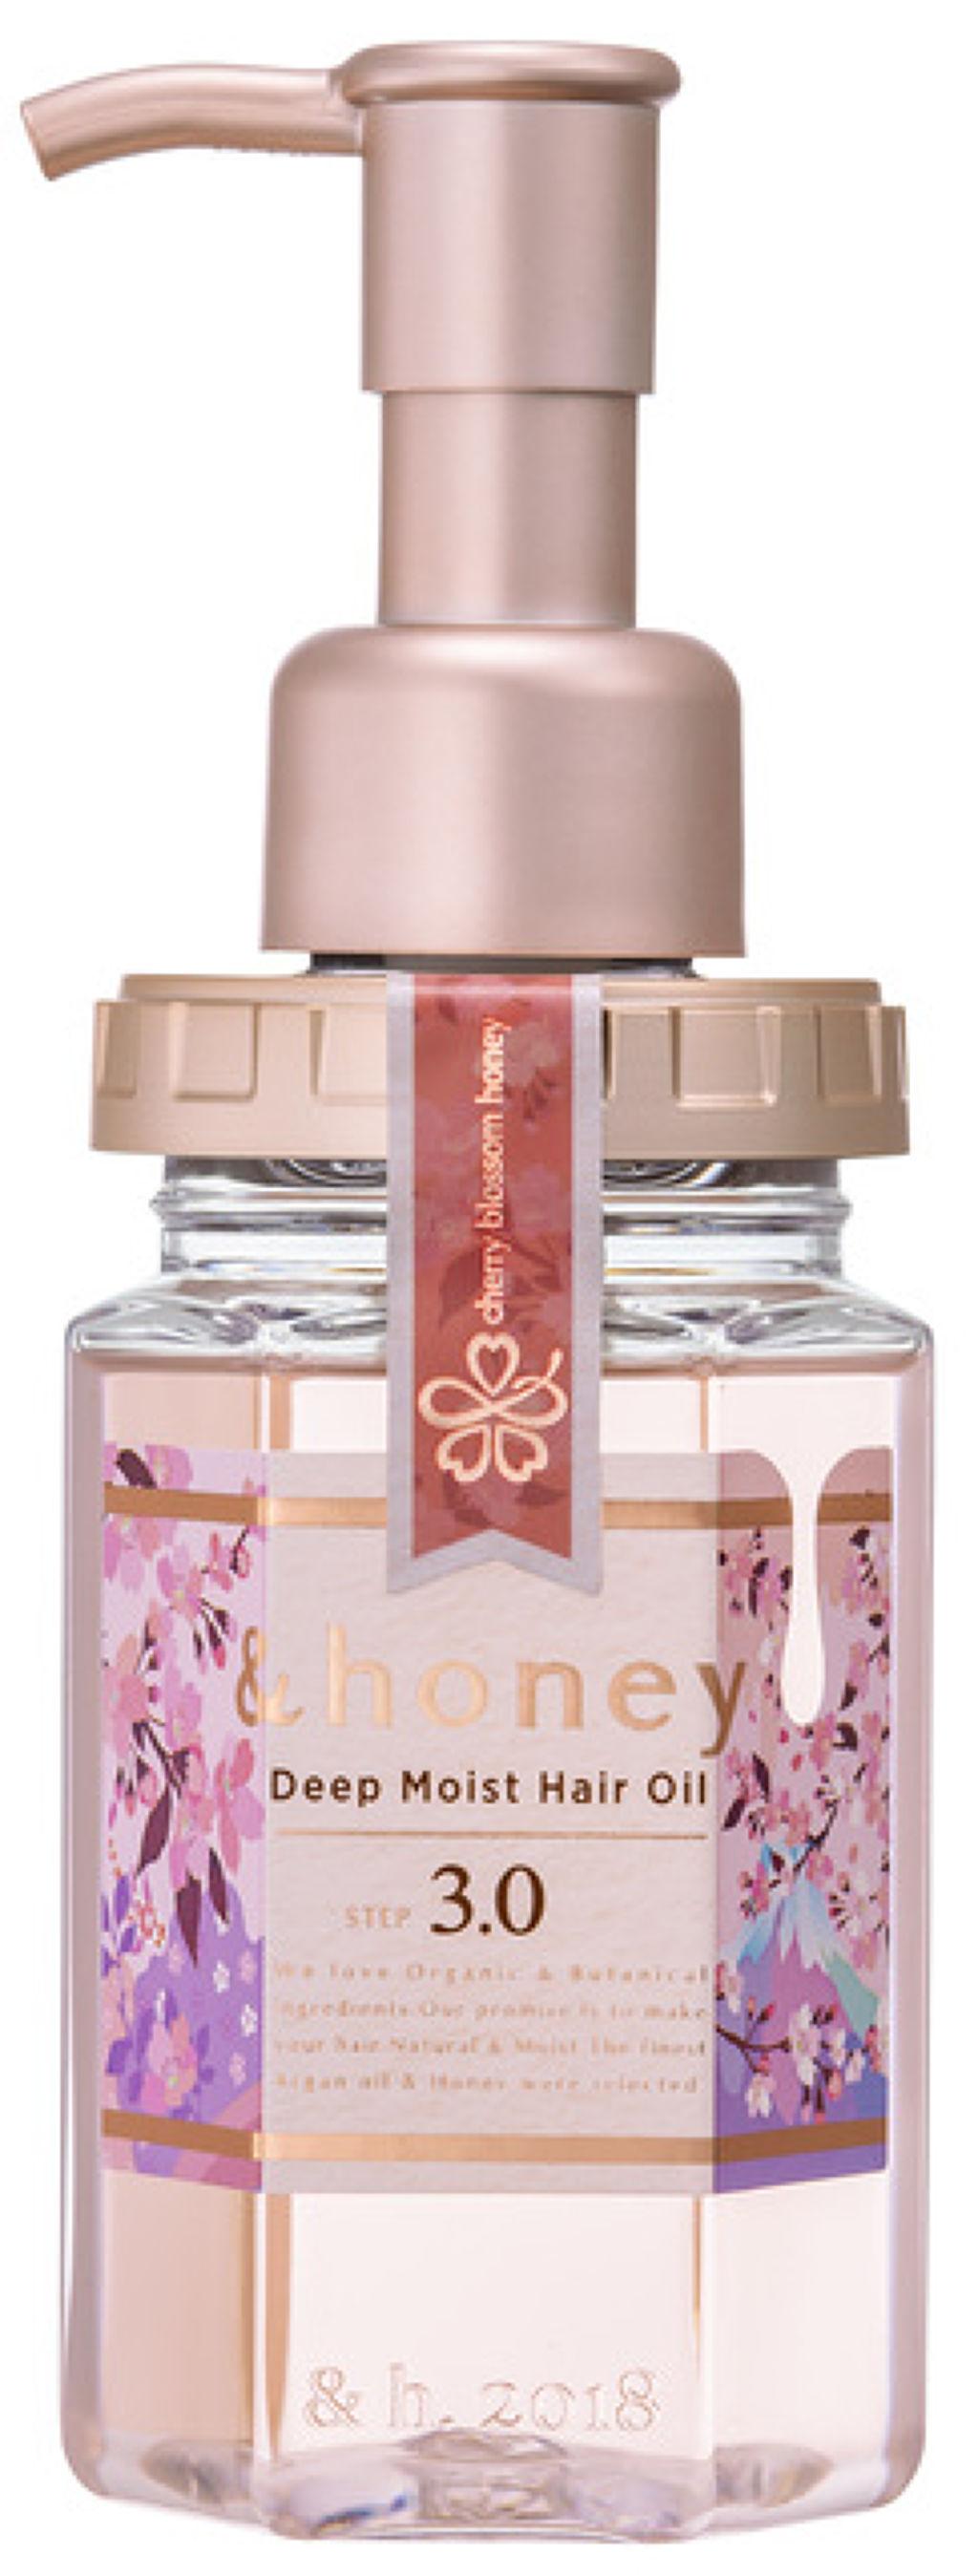 アンドハニー ディープモイスト ヘアオイル〈限定チェリーブロッサムハニーの香り〉 &honey